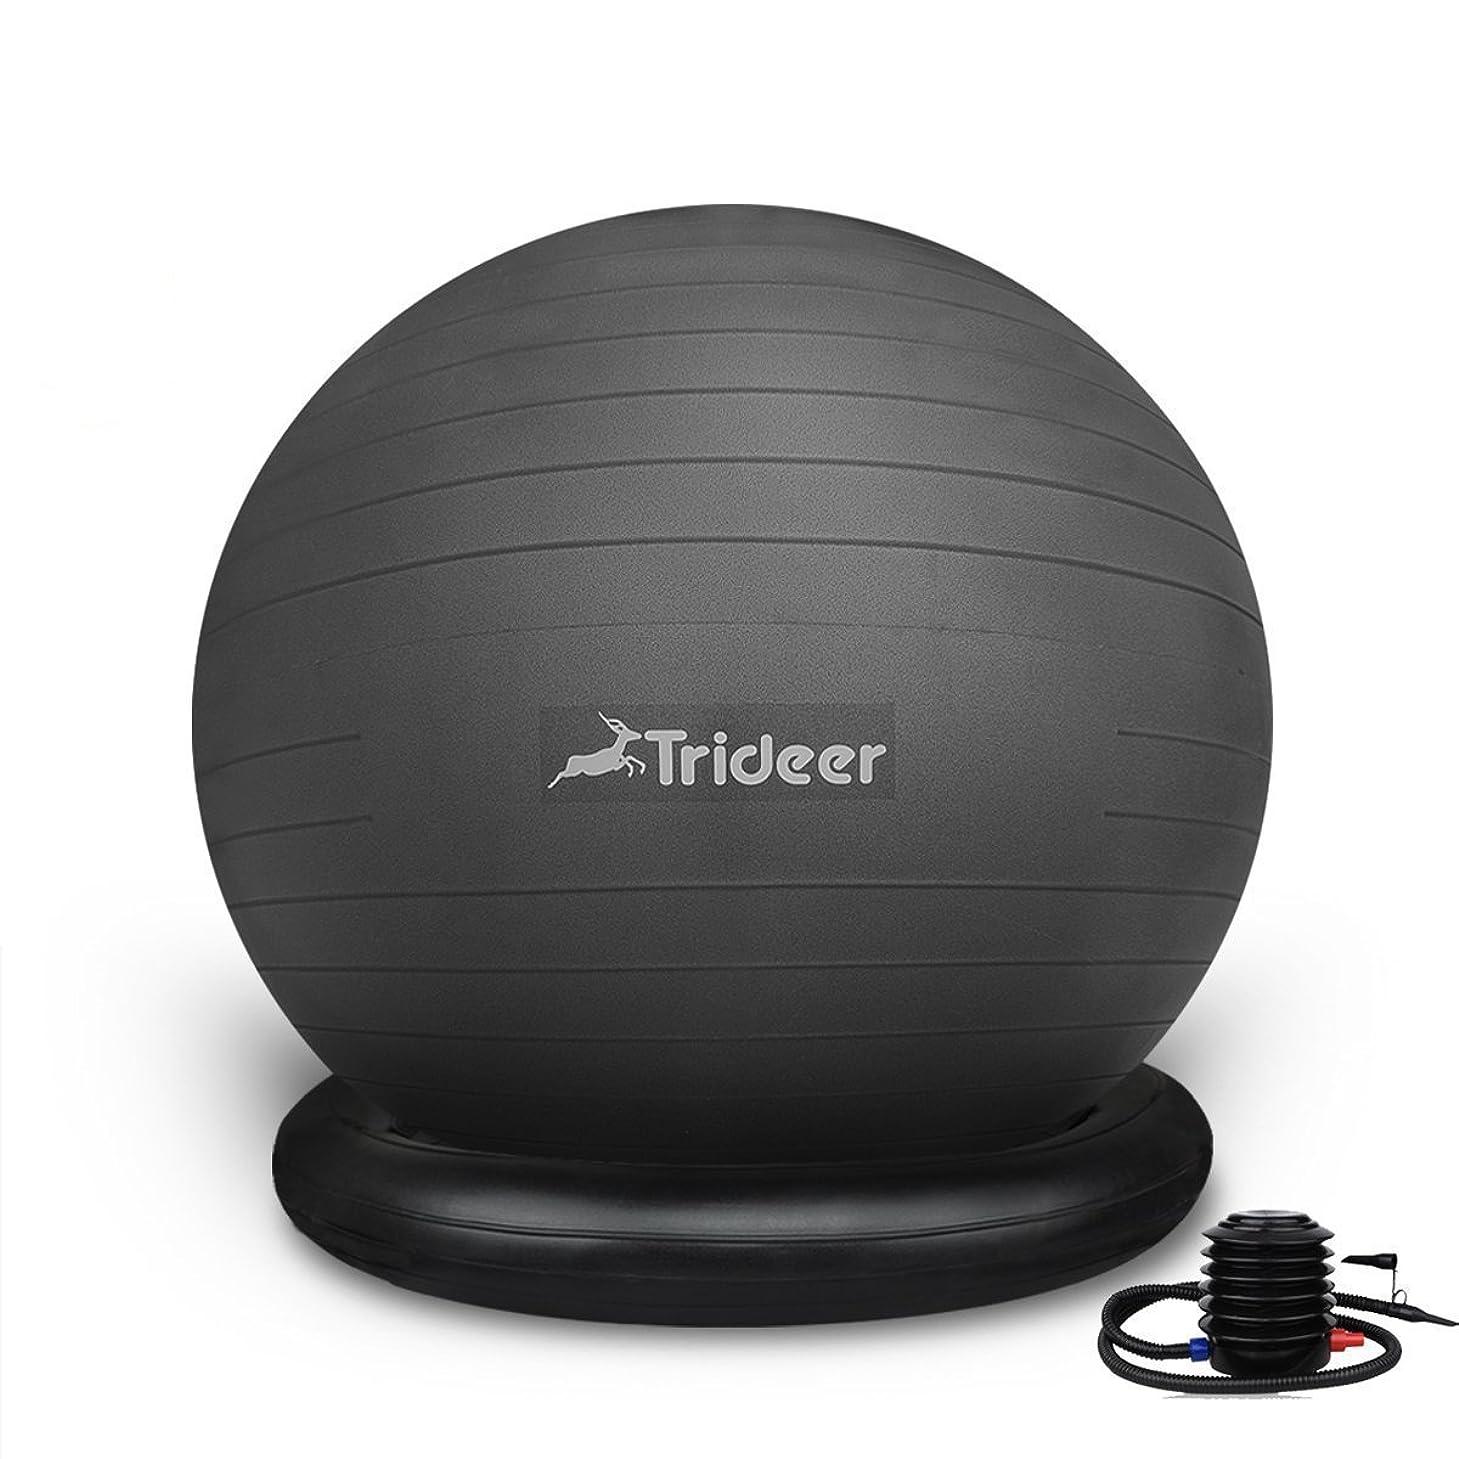 建てる後絶望Trideer 25/55/65cm バランスボール(固定リング/リング+チューブ付き、ポンプ付き) 500KGピラティスボールエクササイズボール 6色 厚い アンチバースト ストレス解消 筋トレストレッチ 椅子